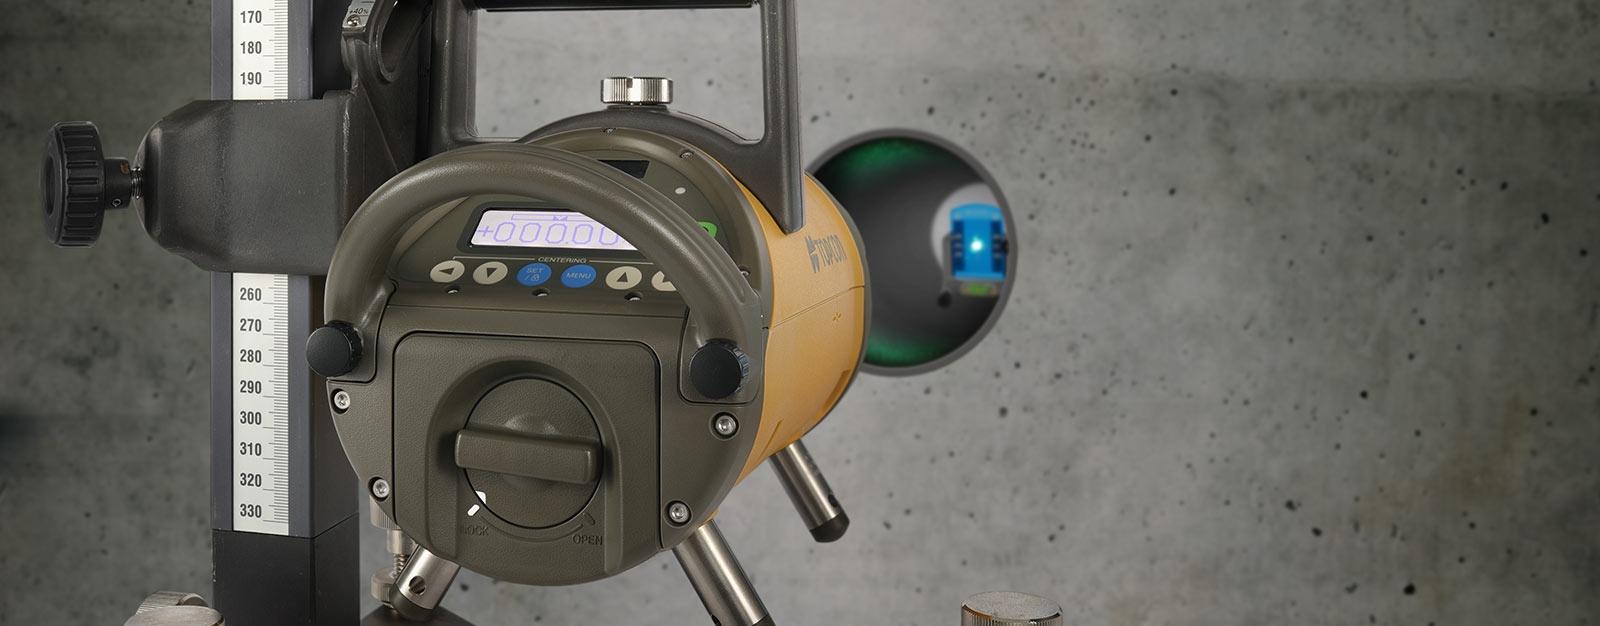 Topcon pipe laser